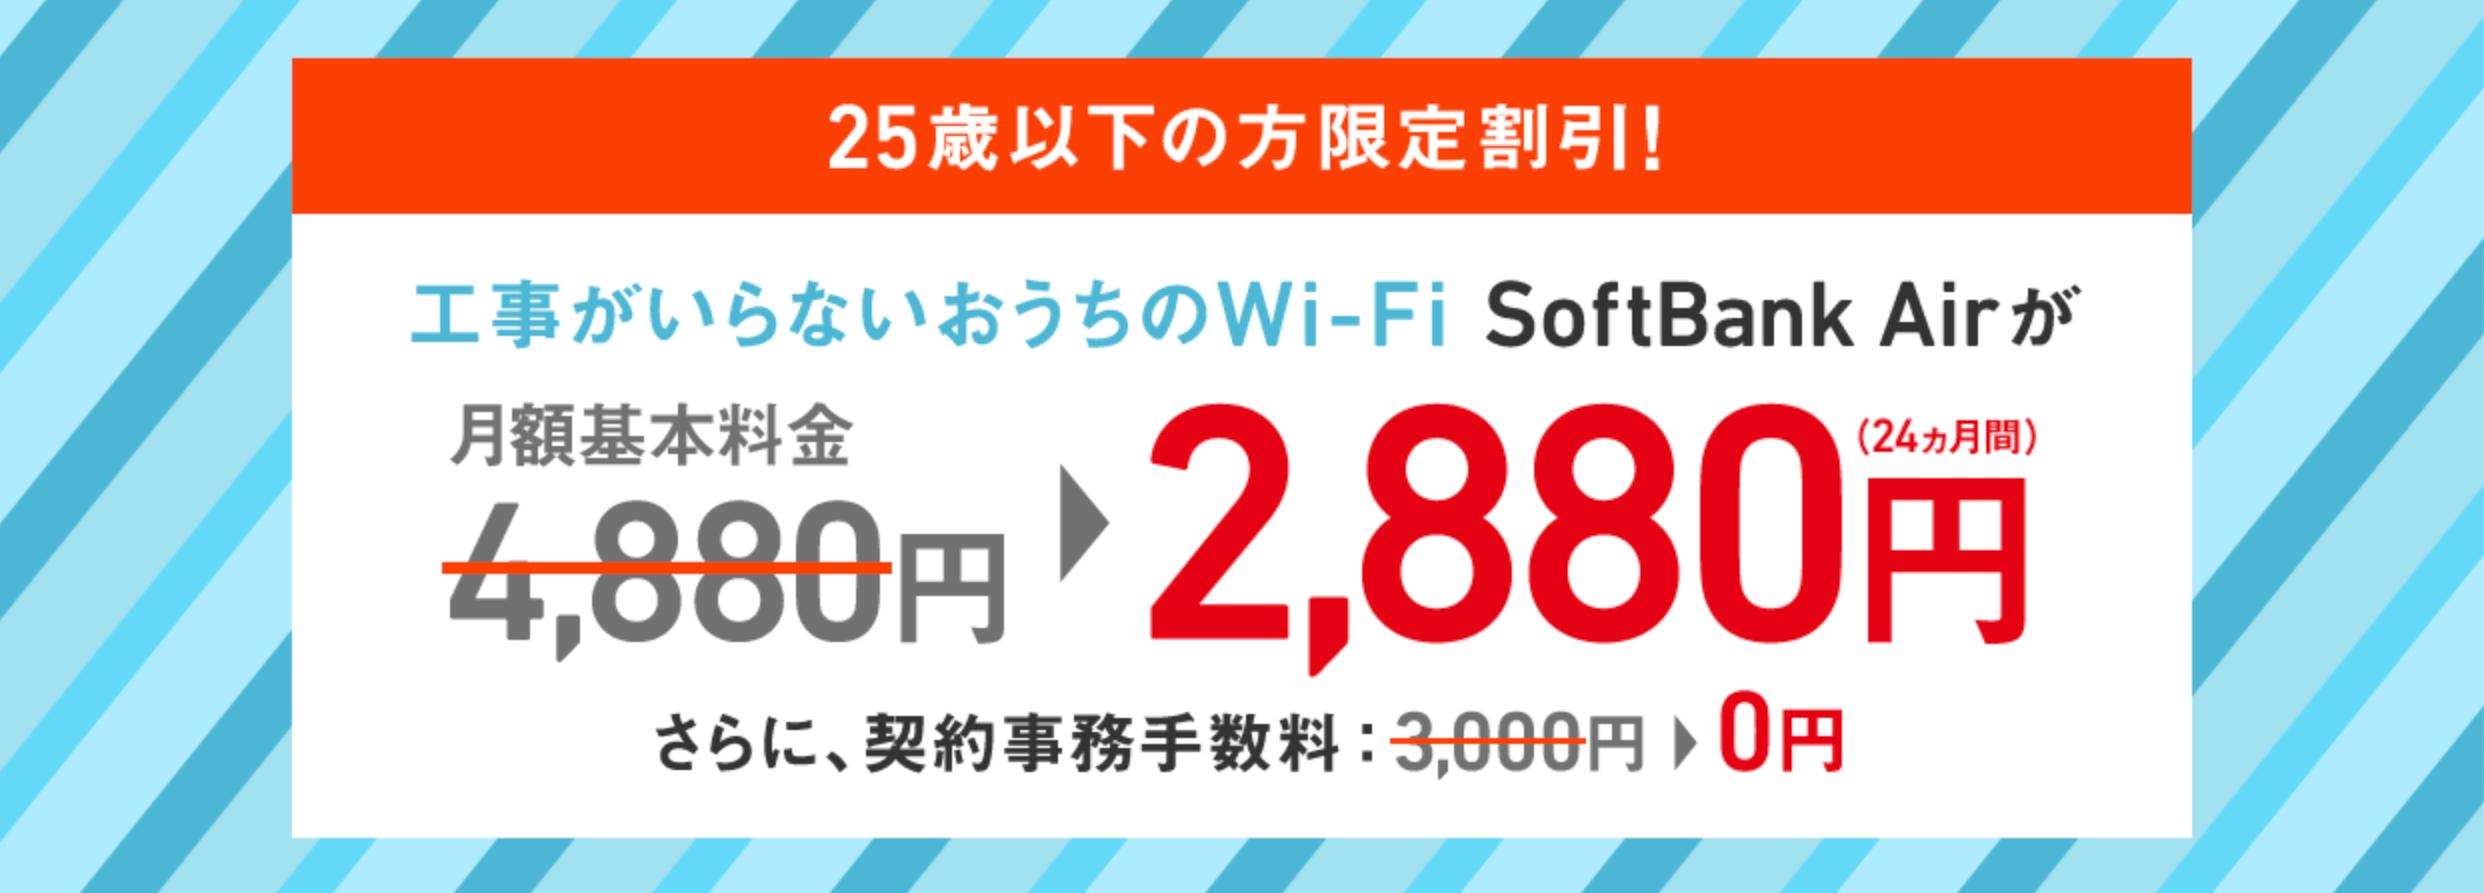 U-25限定SoftBank Air 割引